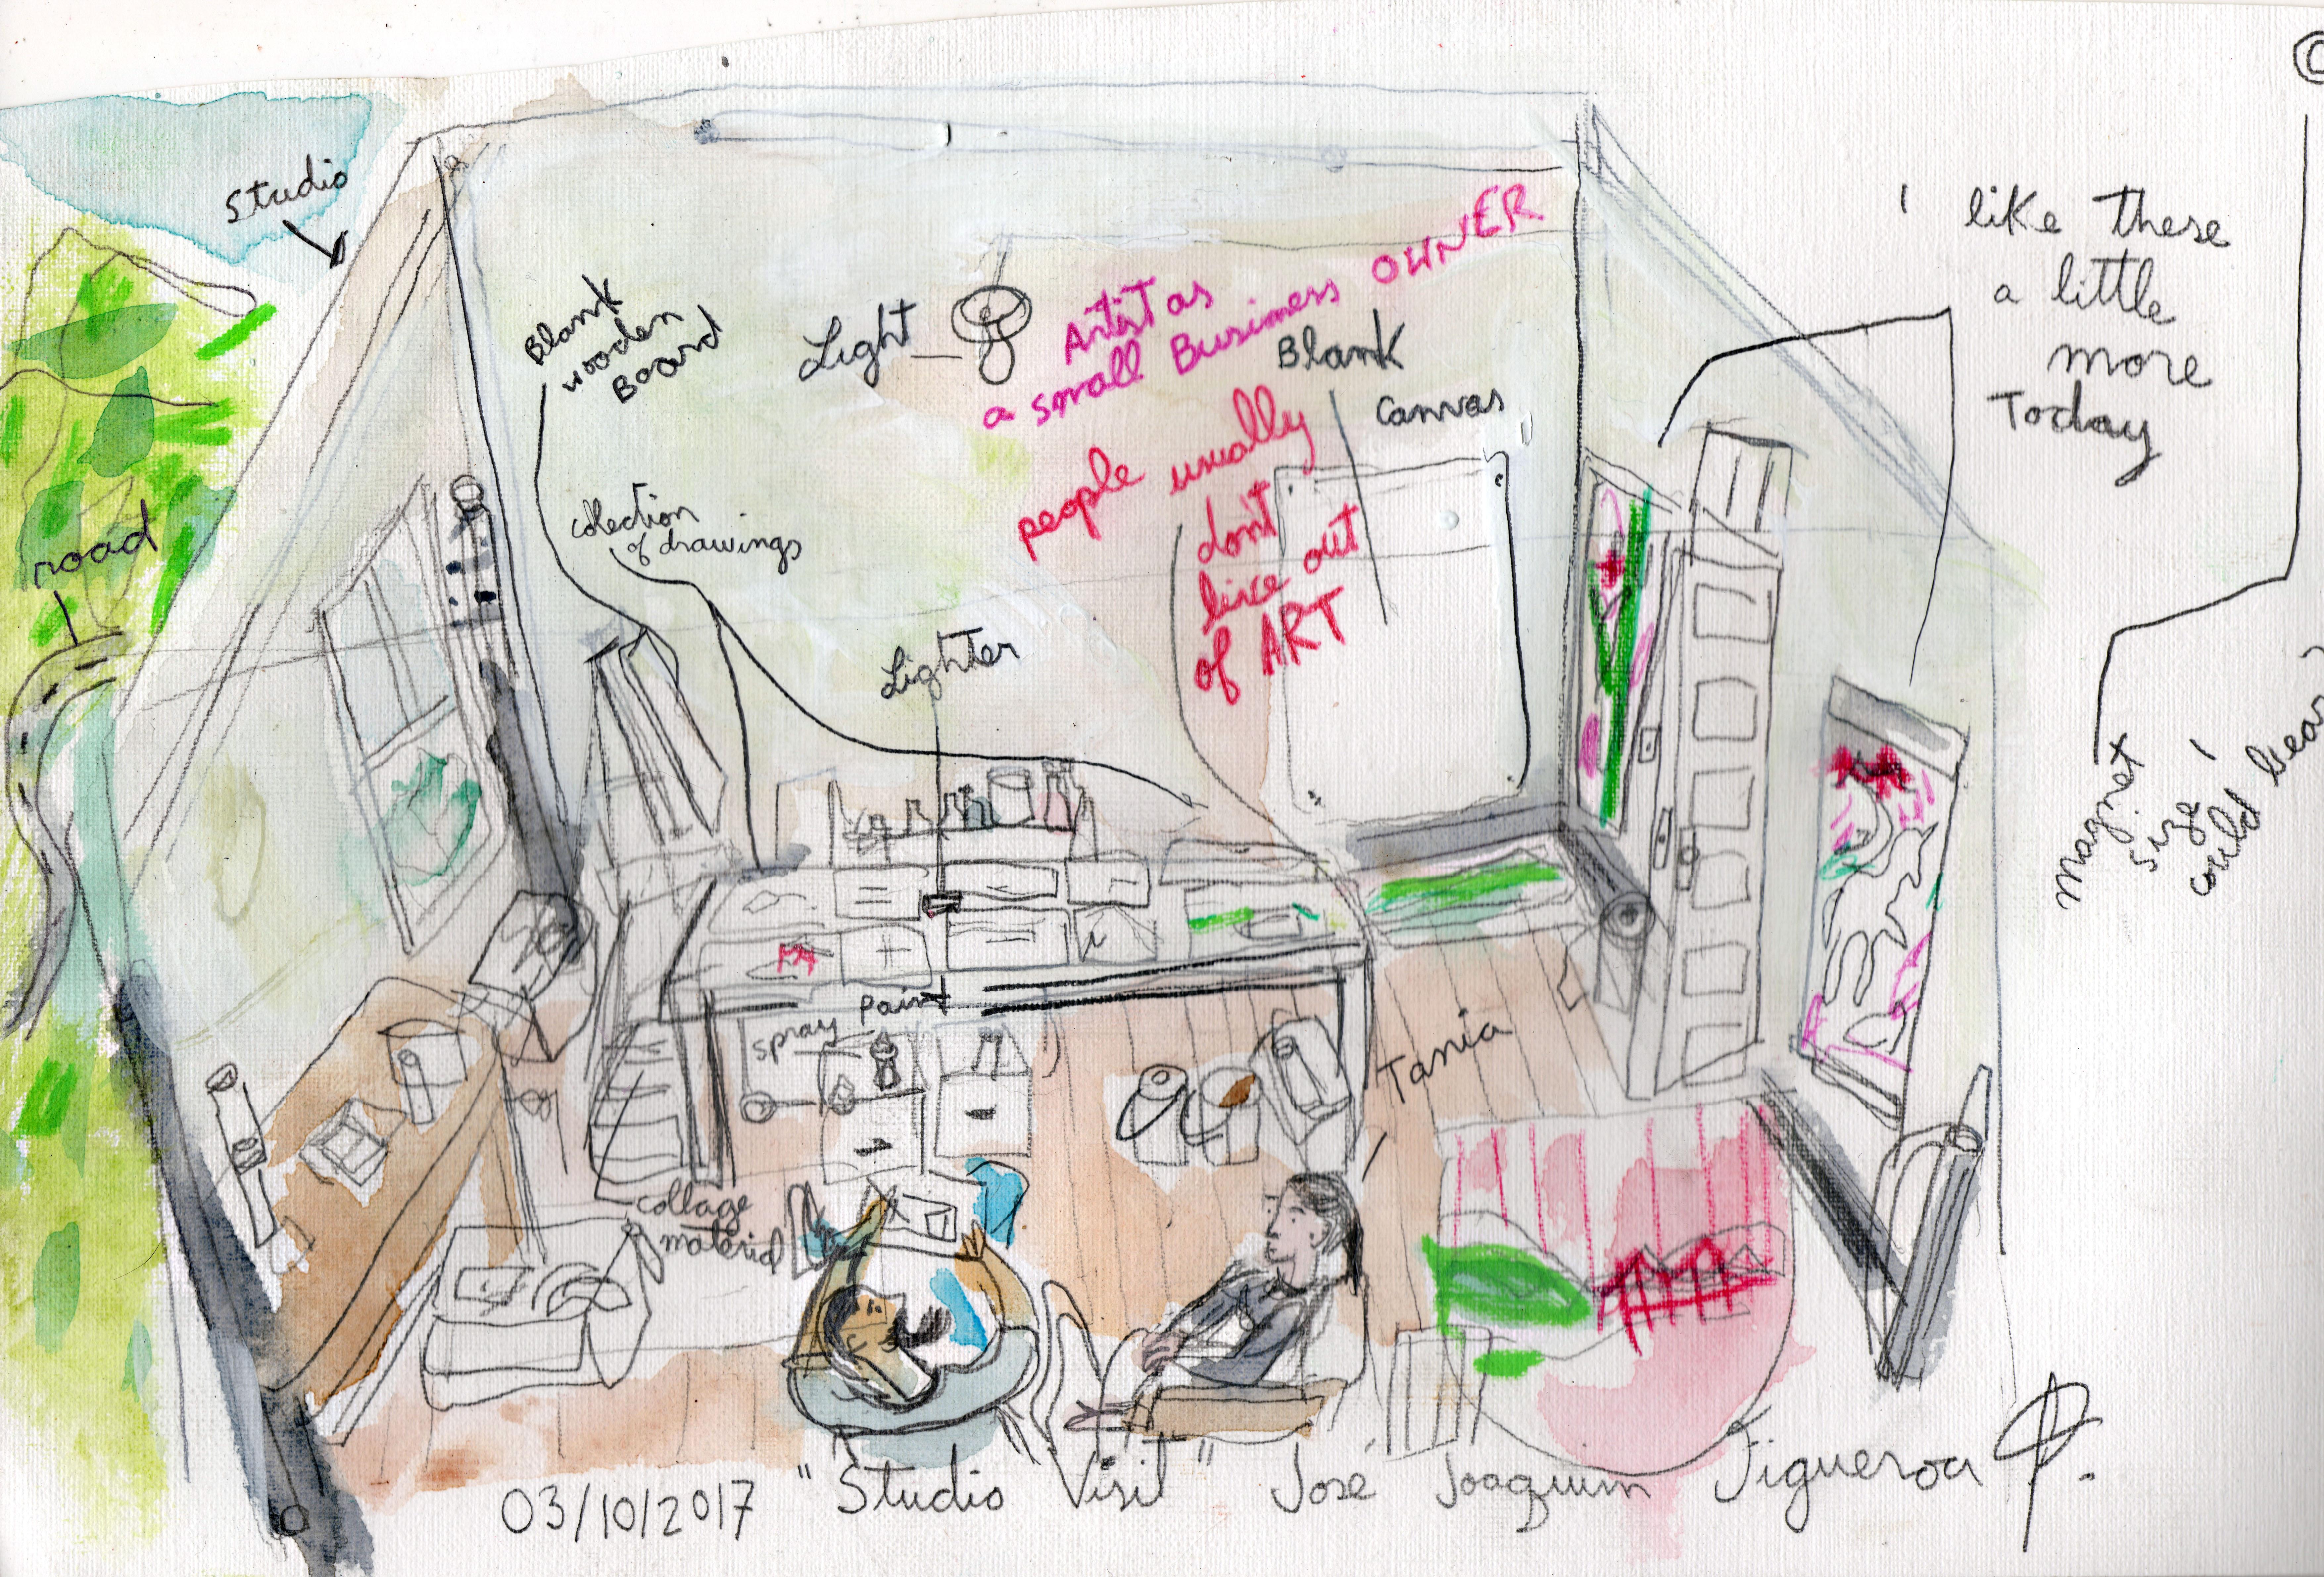 03-10-2017 studio visit headlands